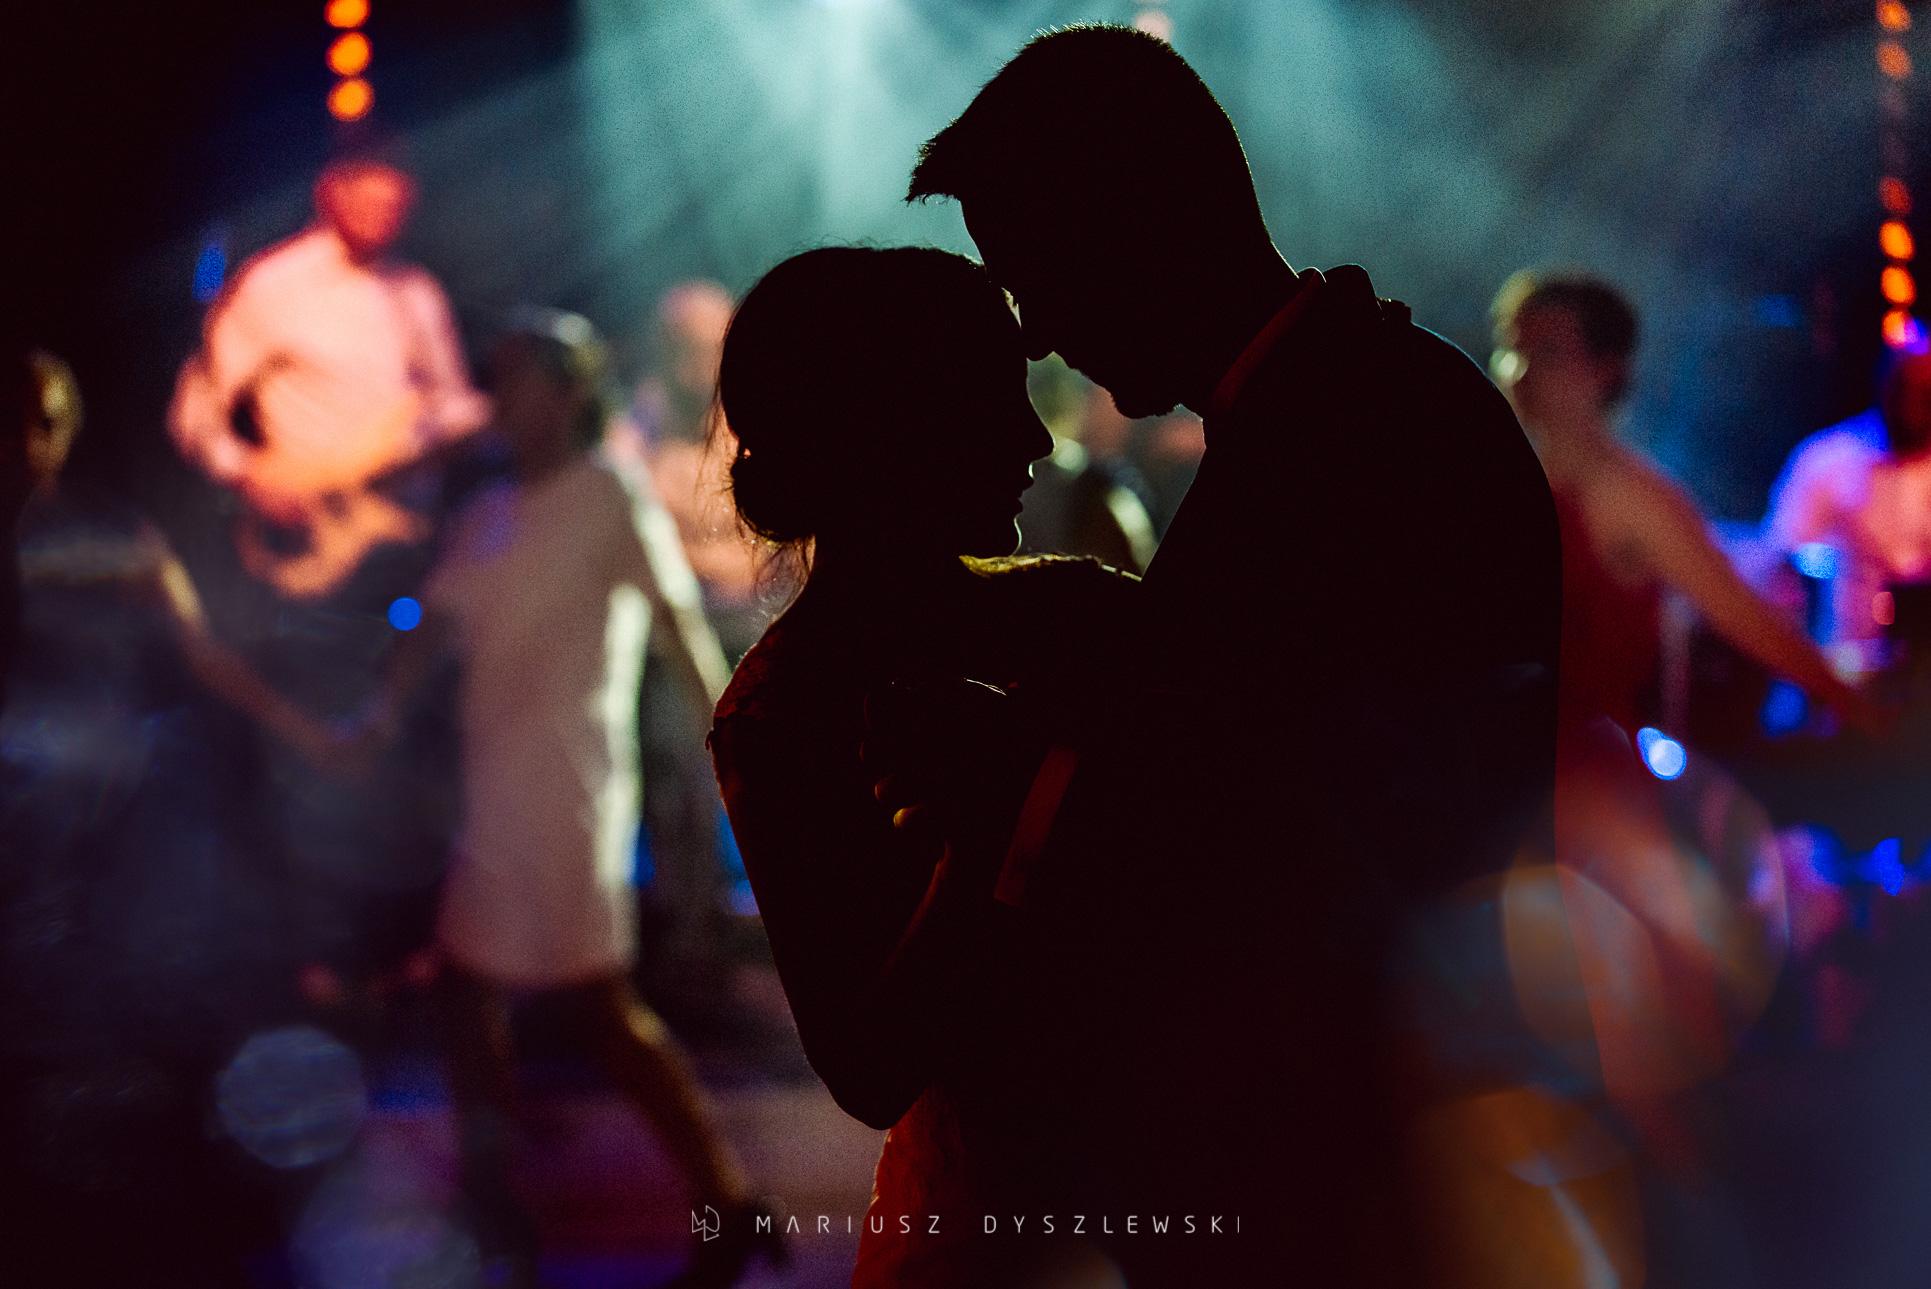 Lilla & Mateusz | Mariusz Dyszlewski Fotograf Tarnobrzeg